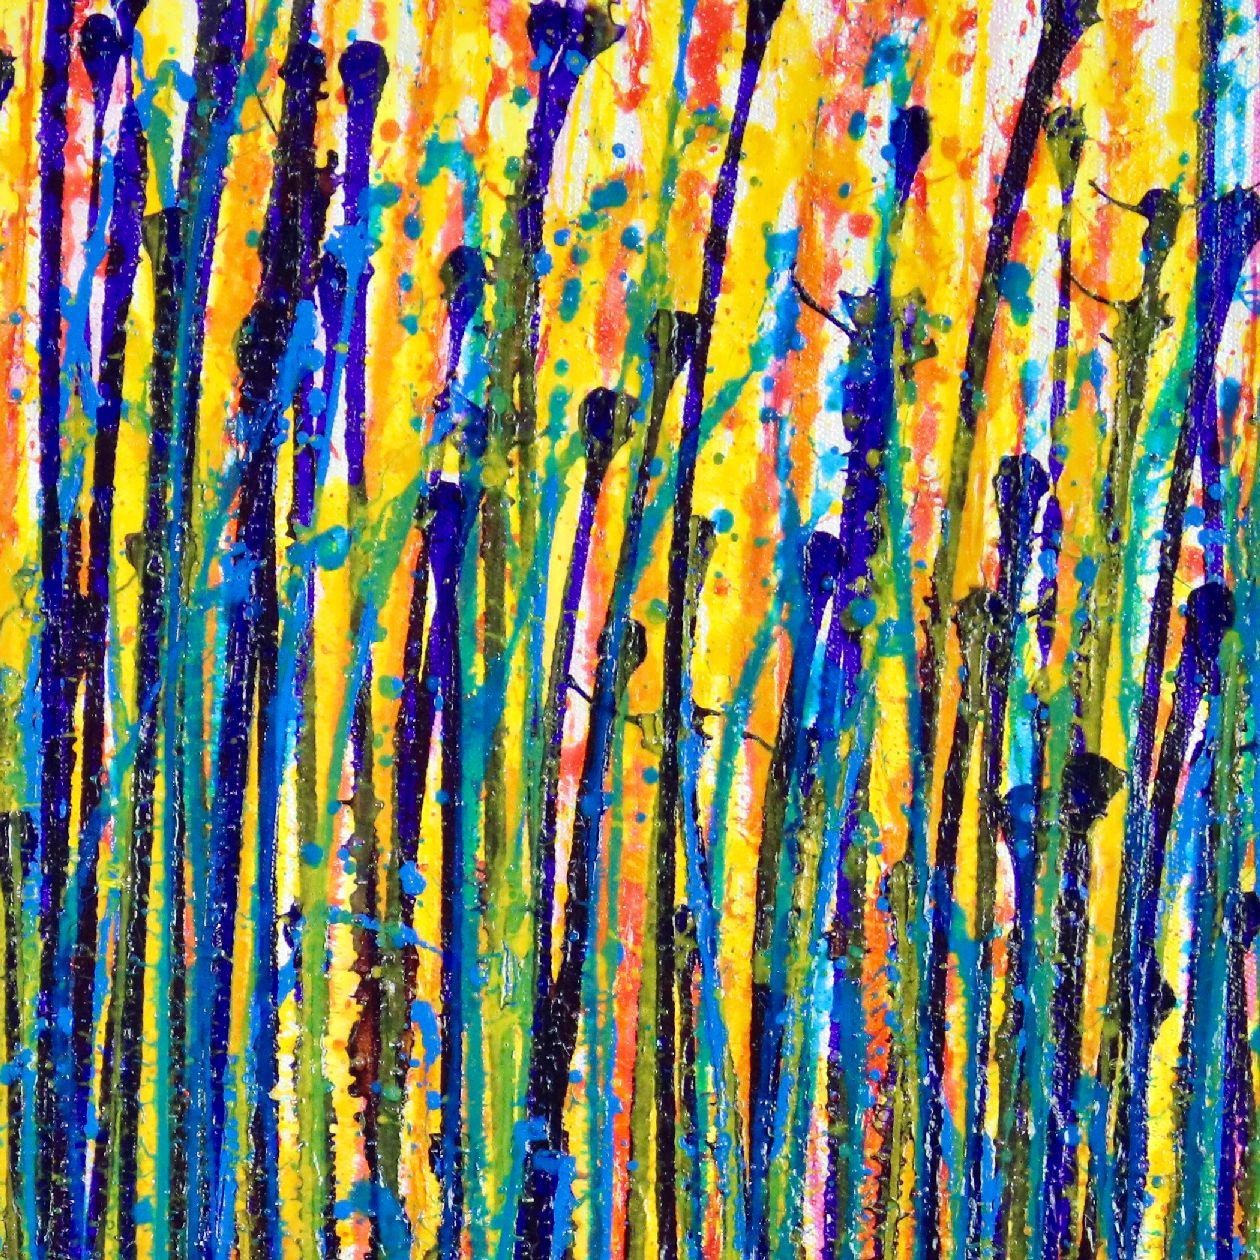 Blooming Garden 2 (Flow Spectra) by Nestor Toro